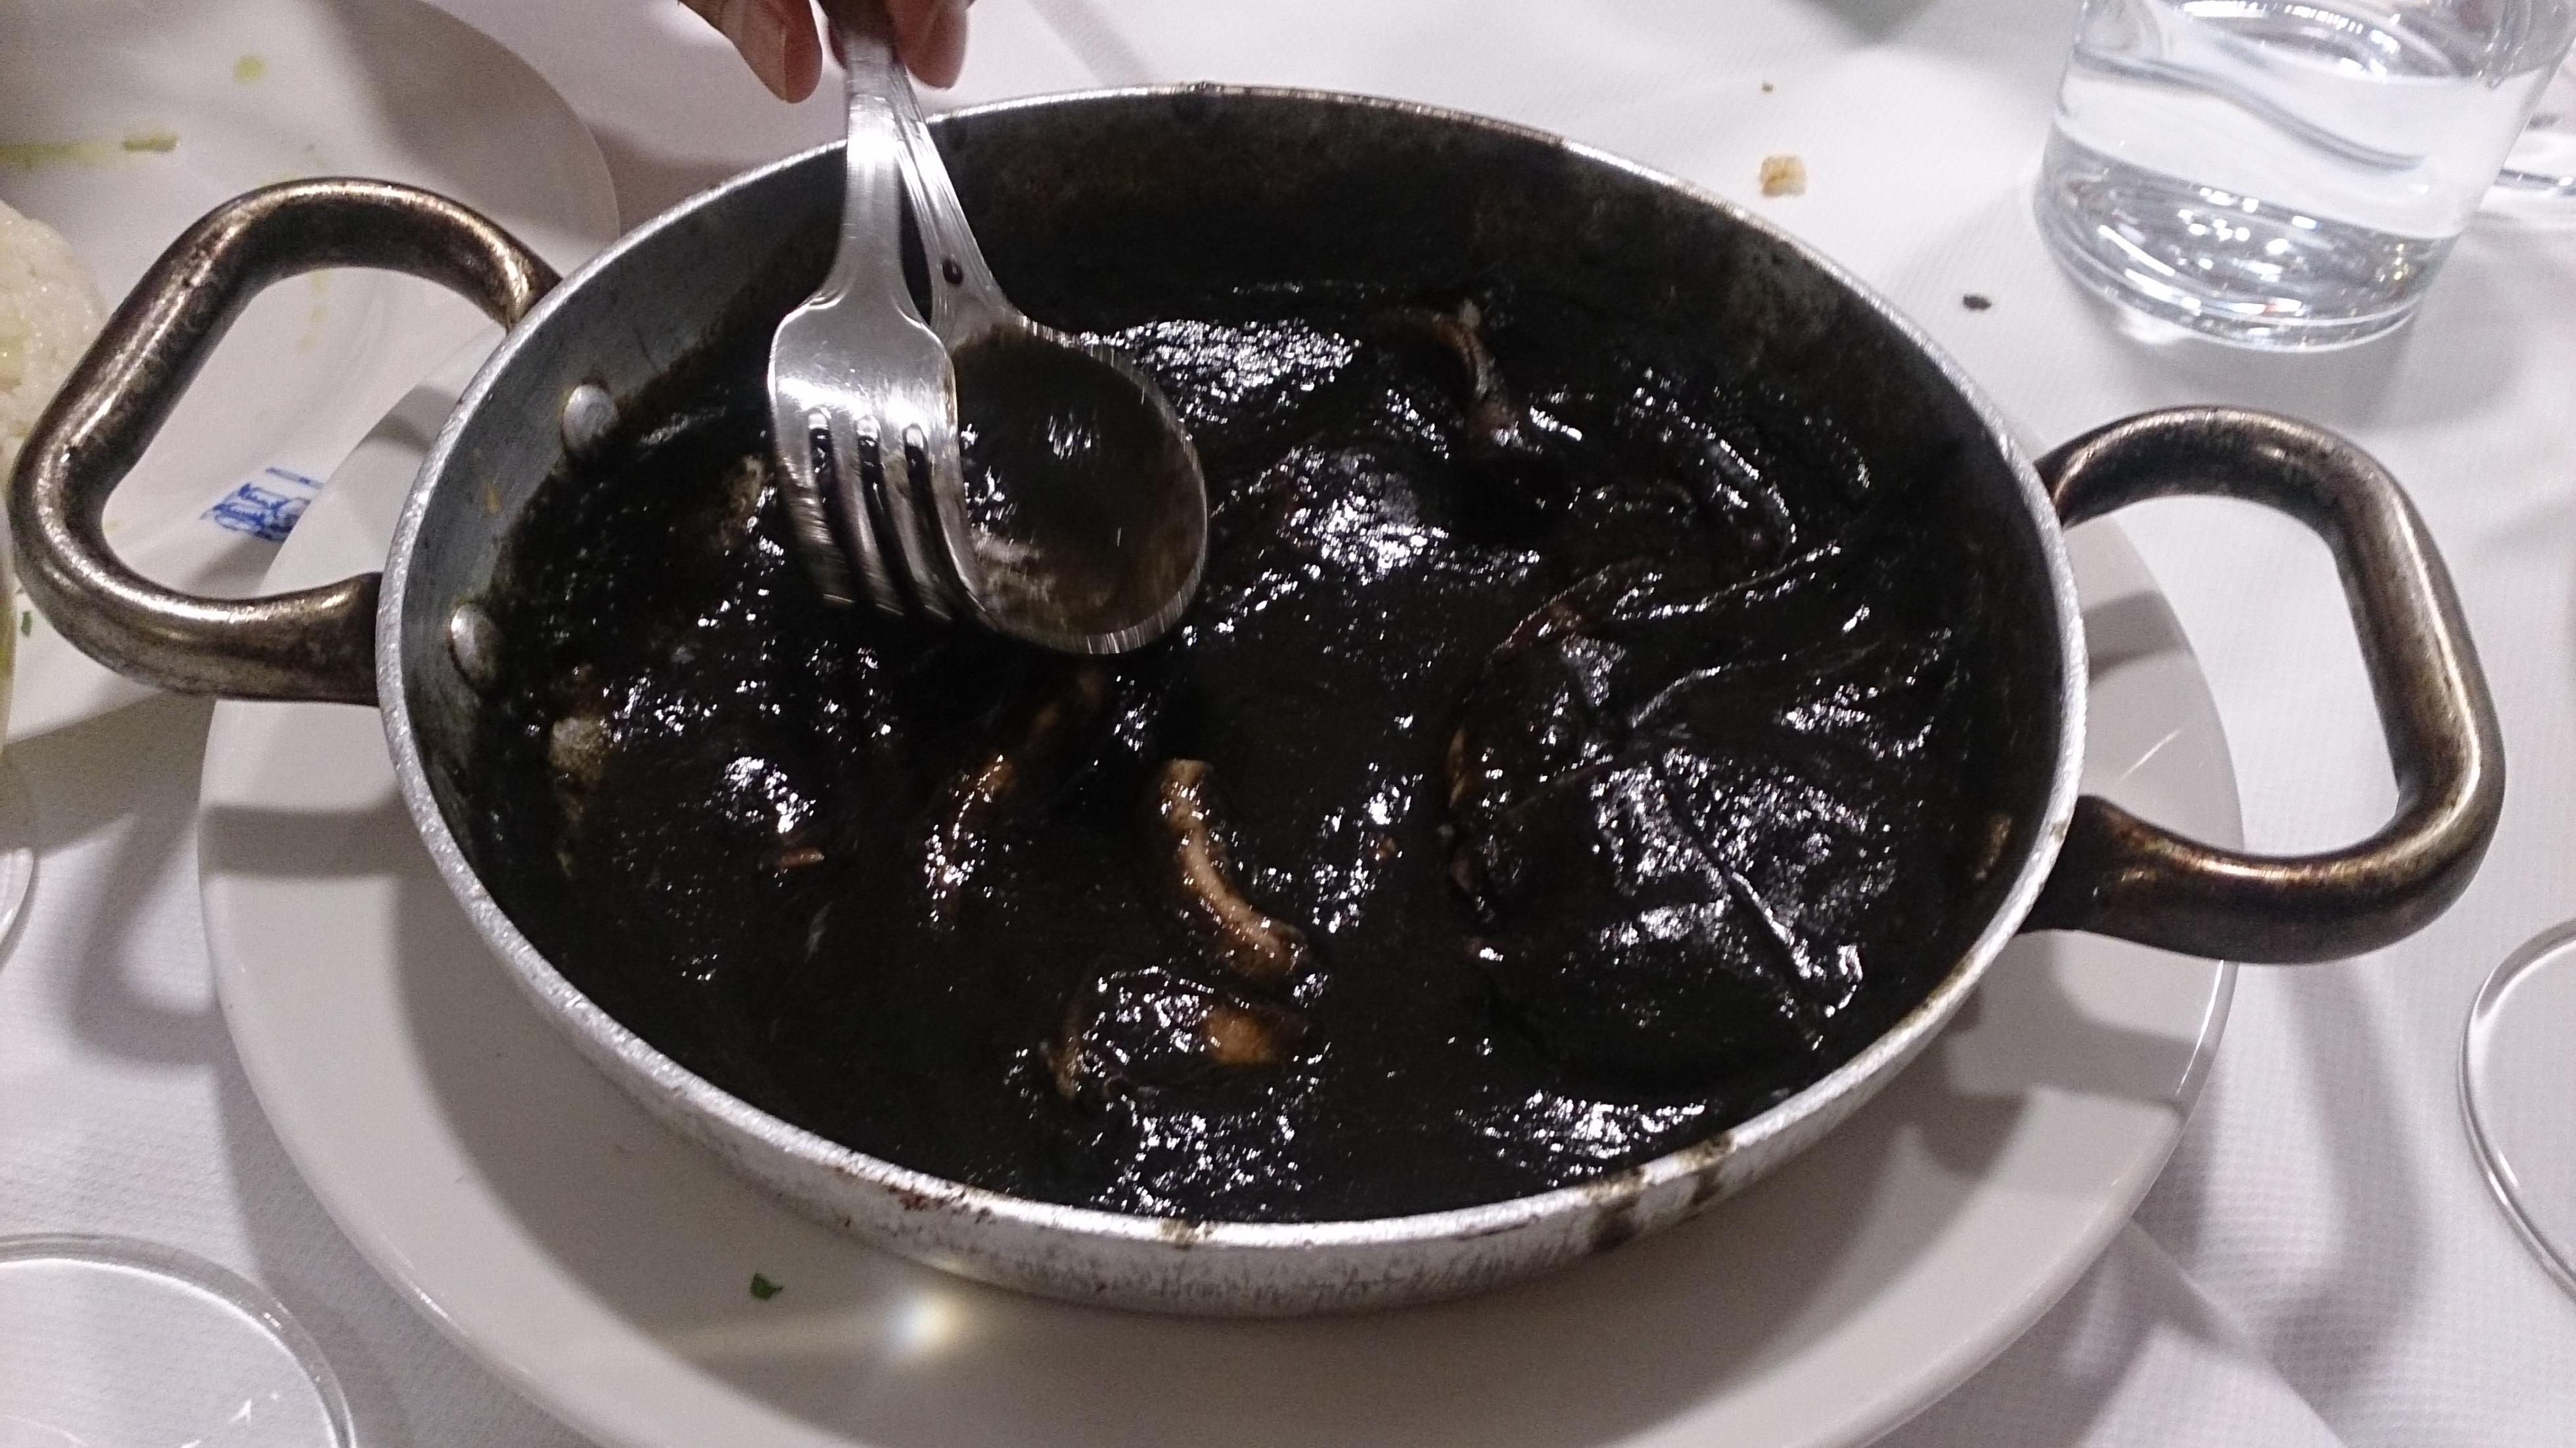 オンダリビアで魚介スープが世界一美味しいと有名なレストラン